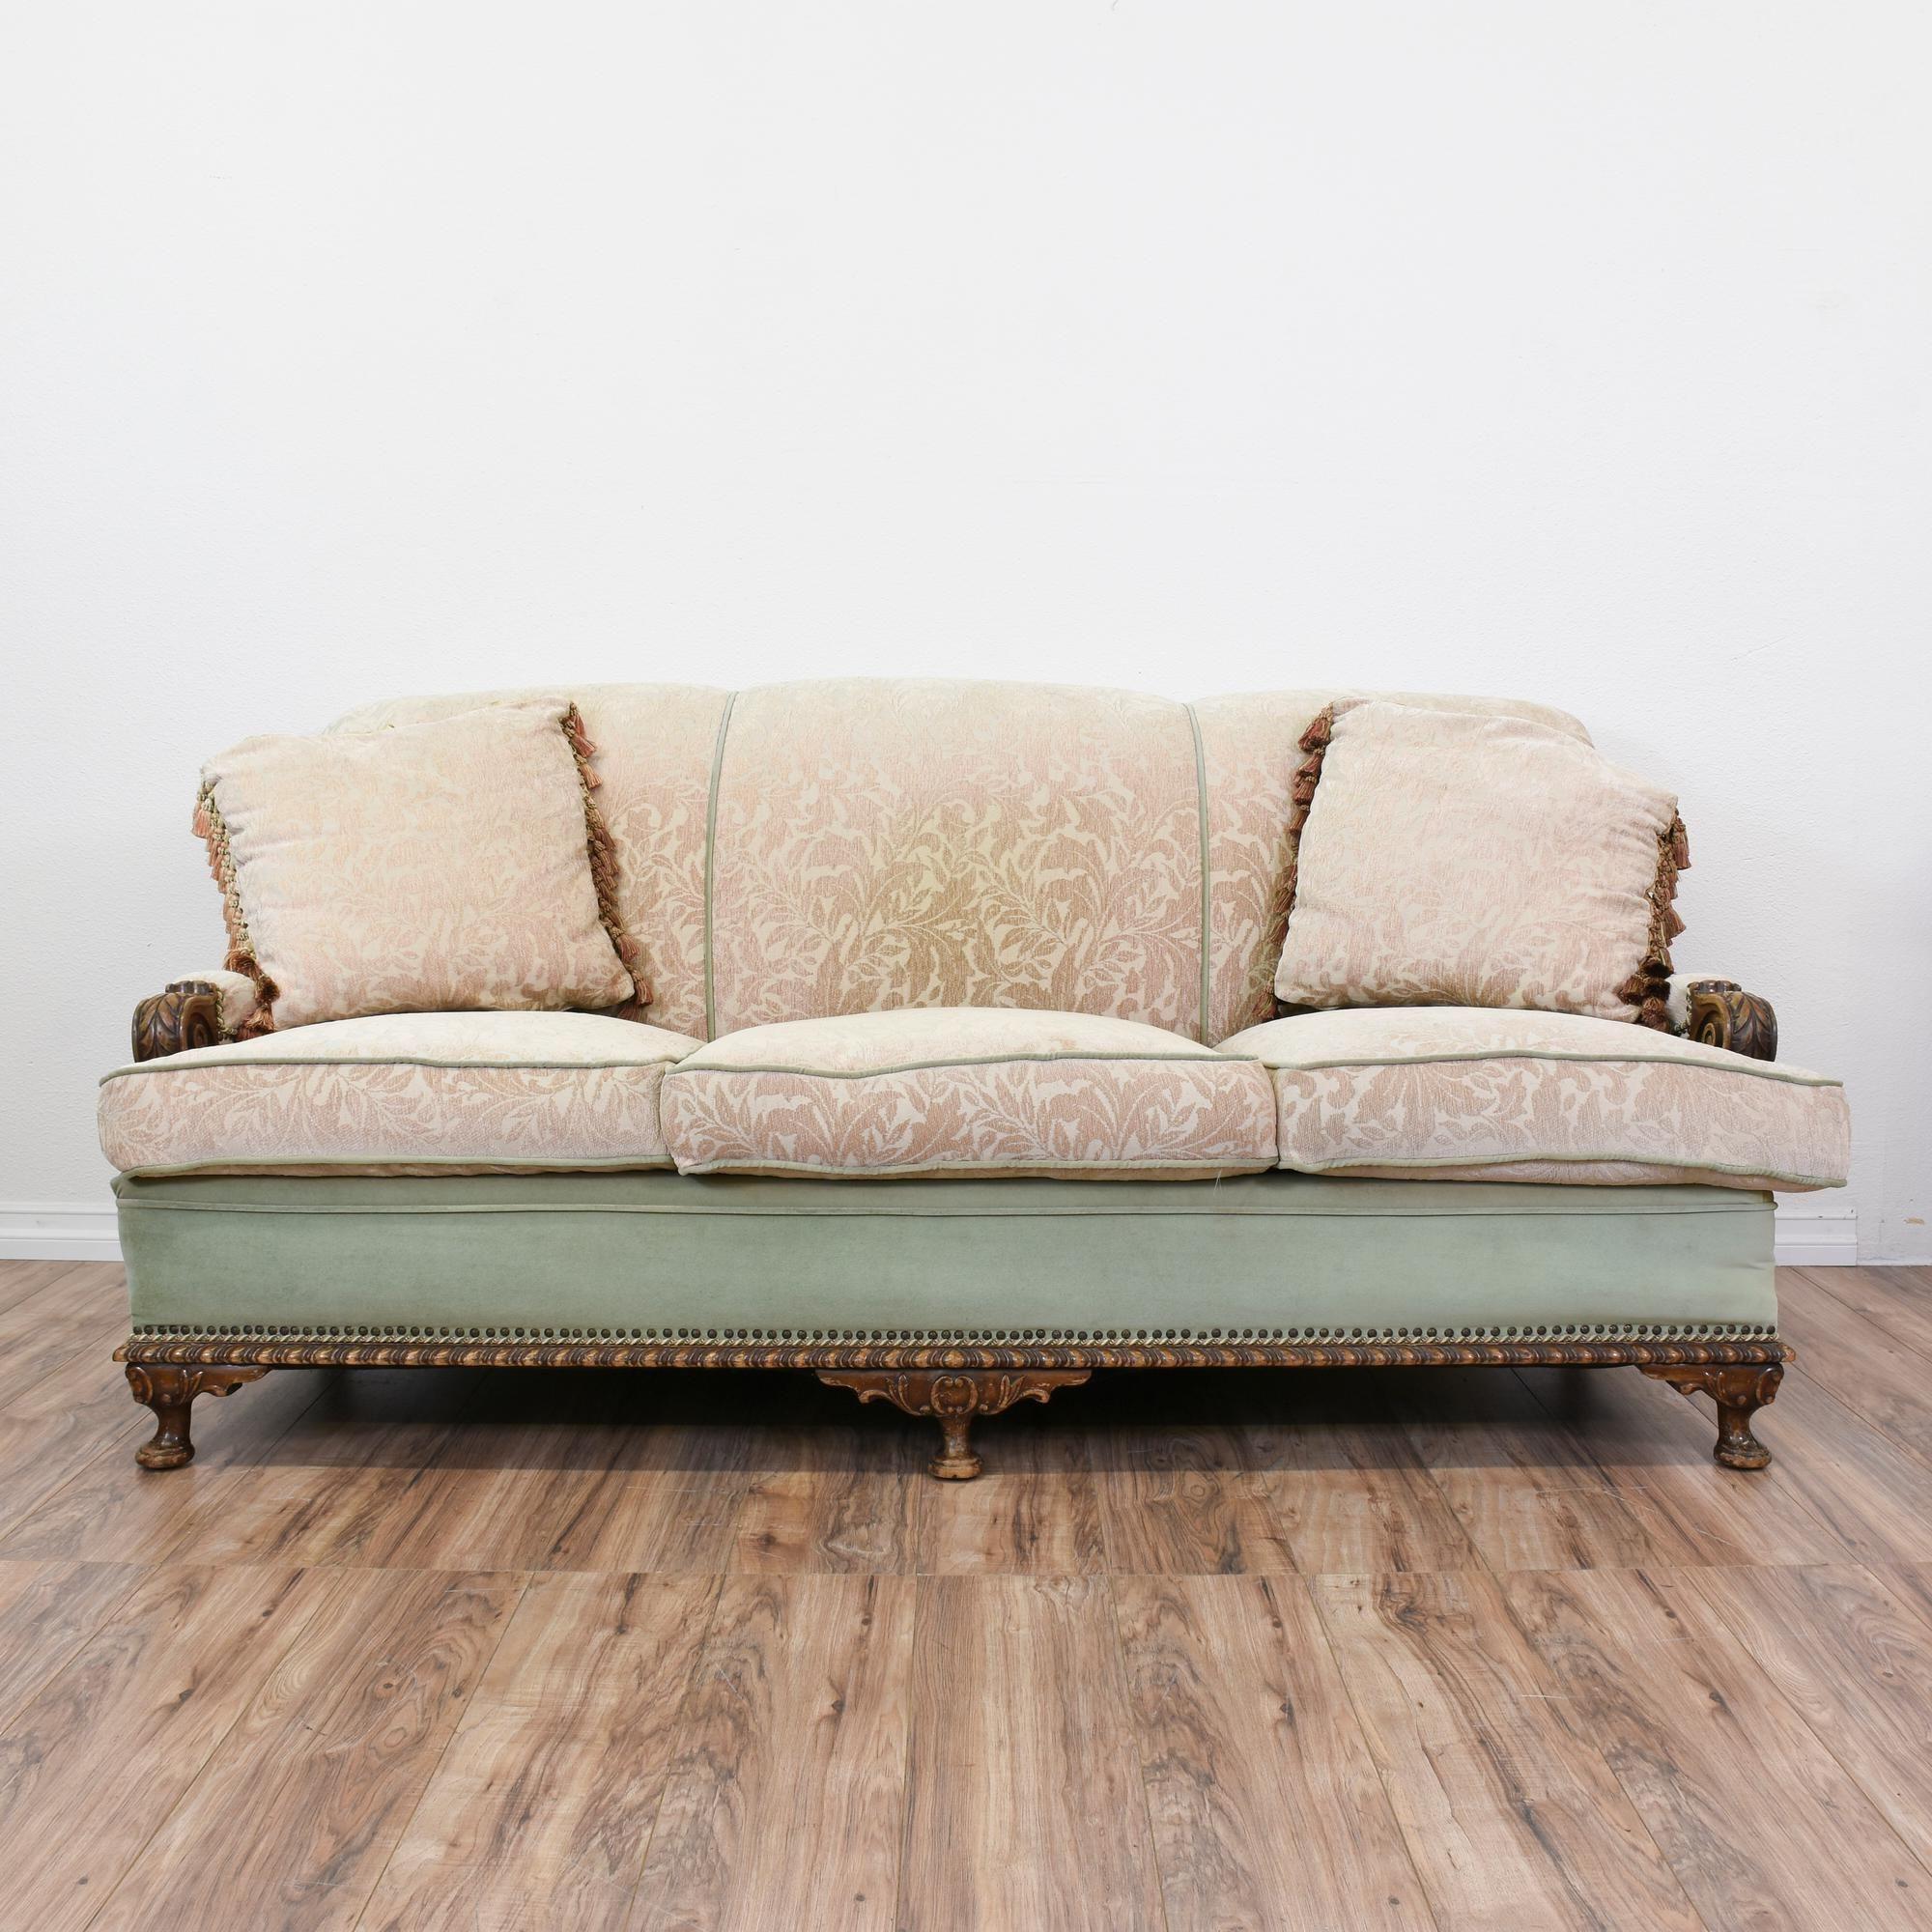 Best Blue Beige Brocade Upholstered Carved Sofa Vintage 400 x 300